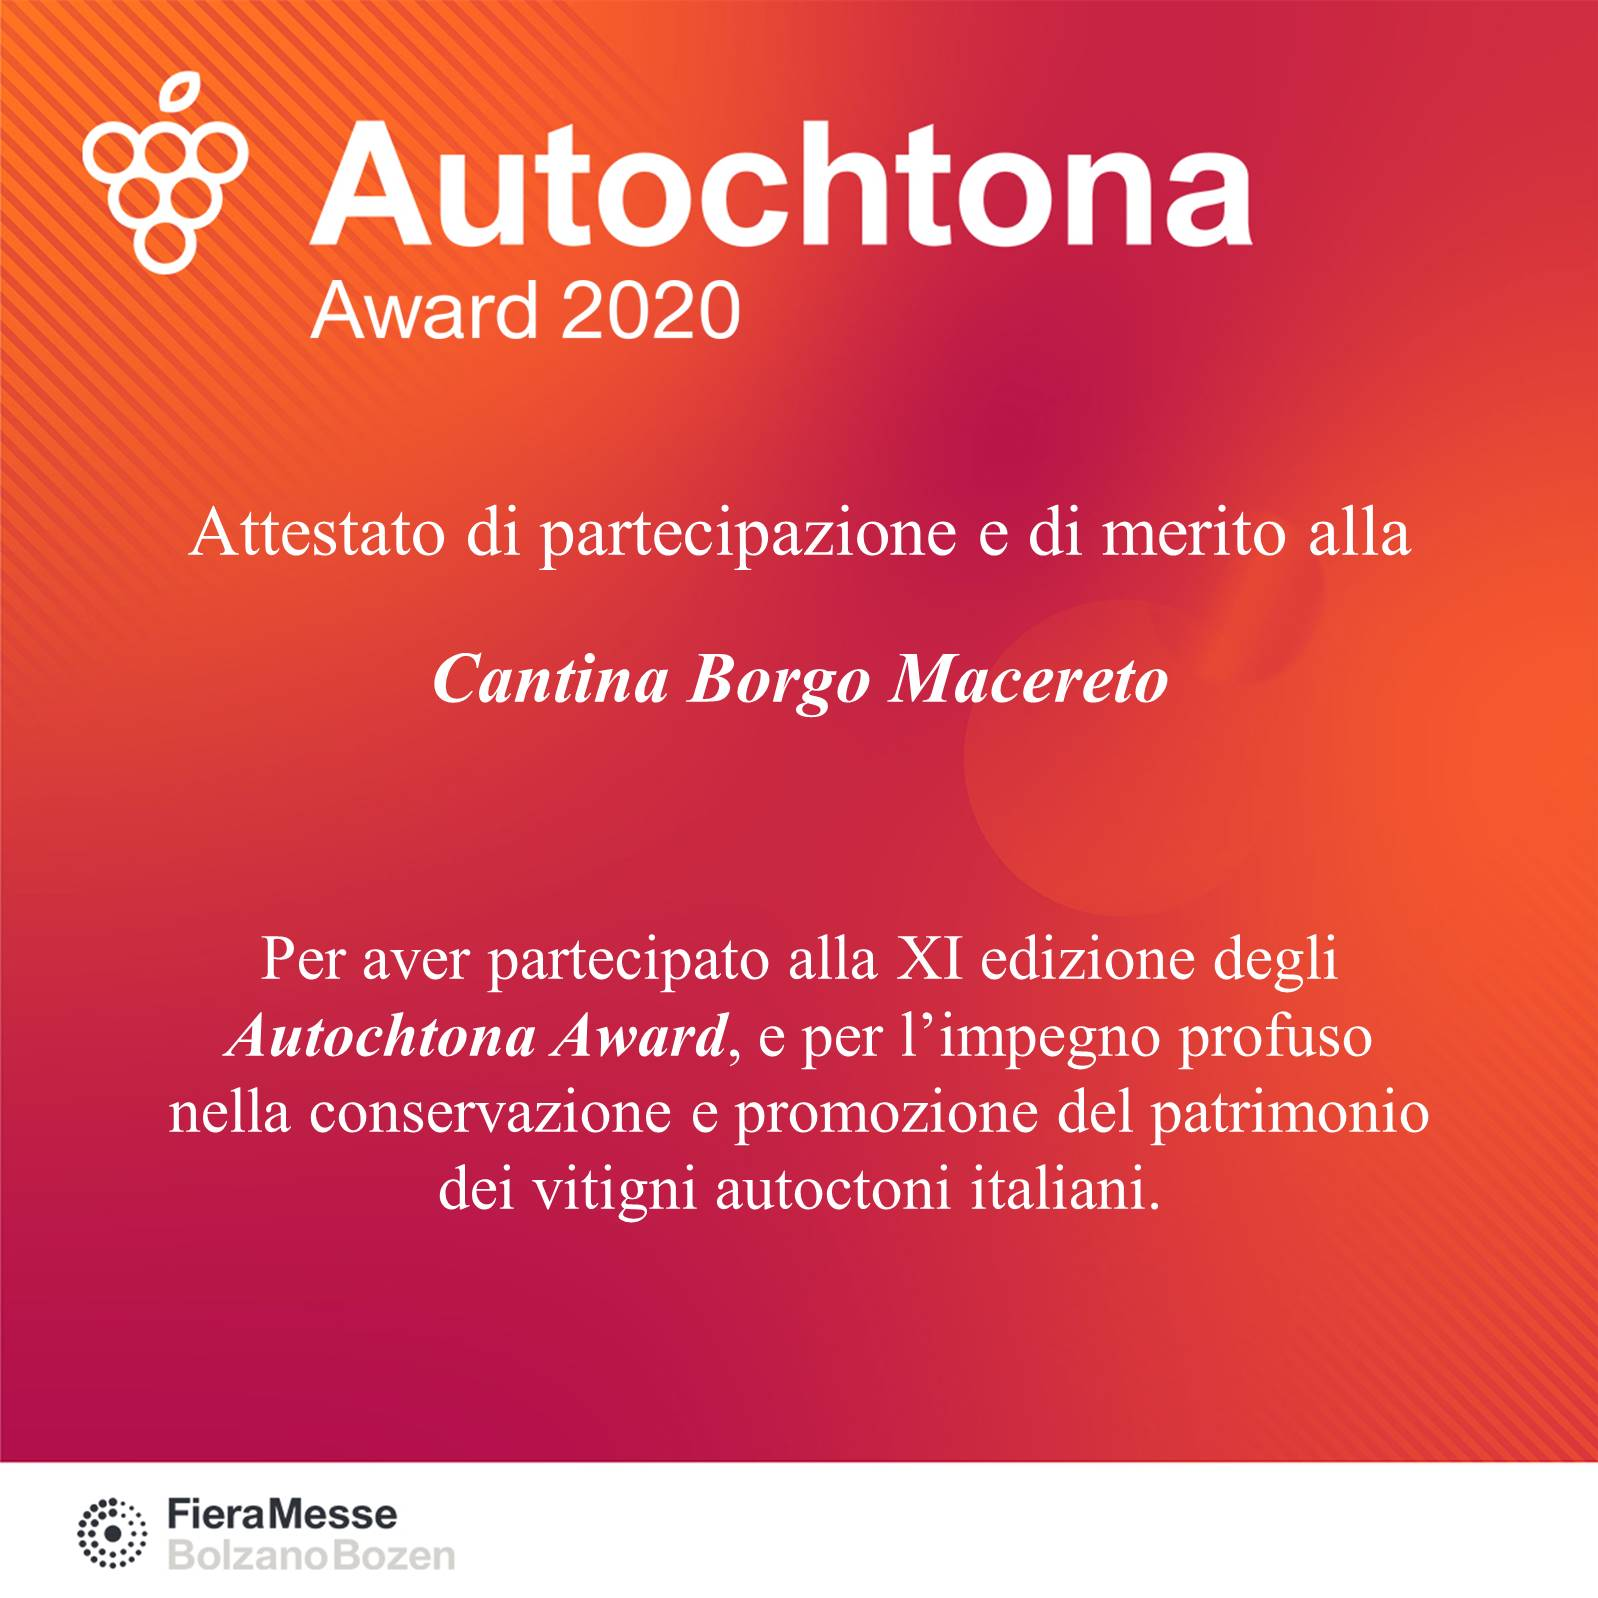 ATTESTATO-DI-PARTECIPAZIONE_Autochtona_Borgo_Macereto